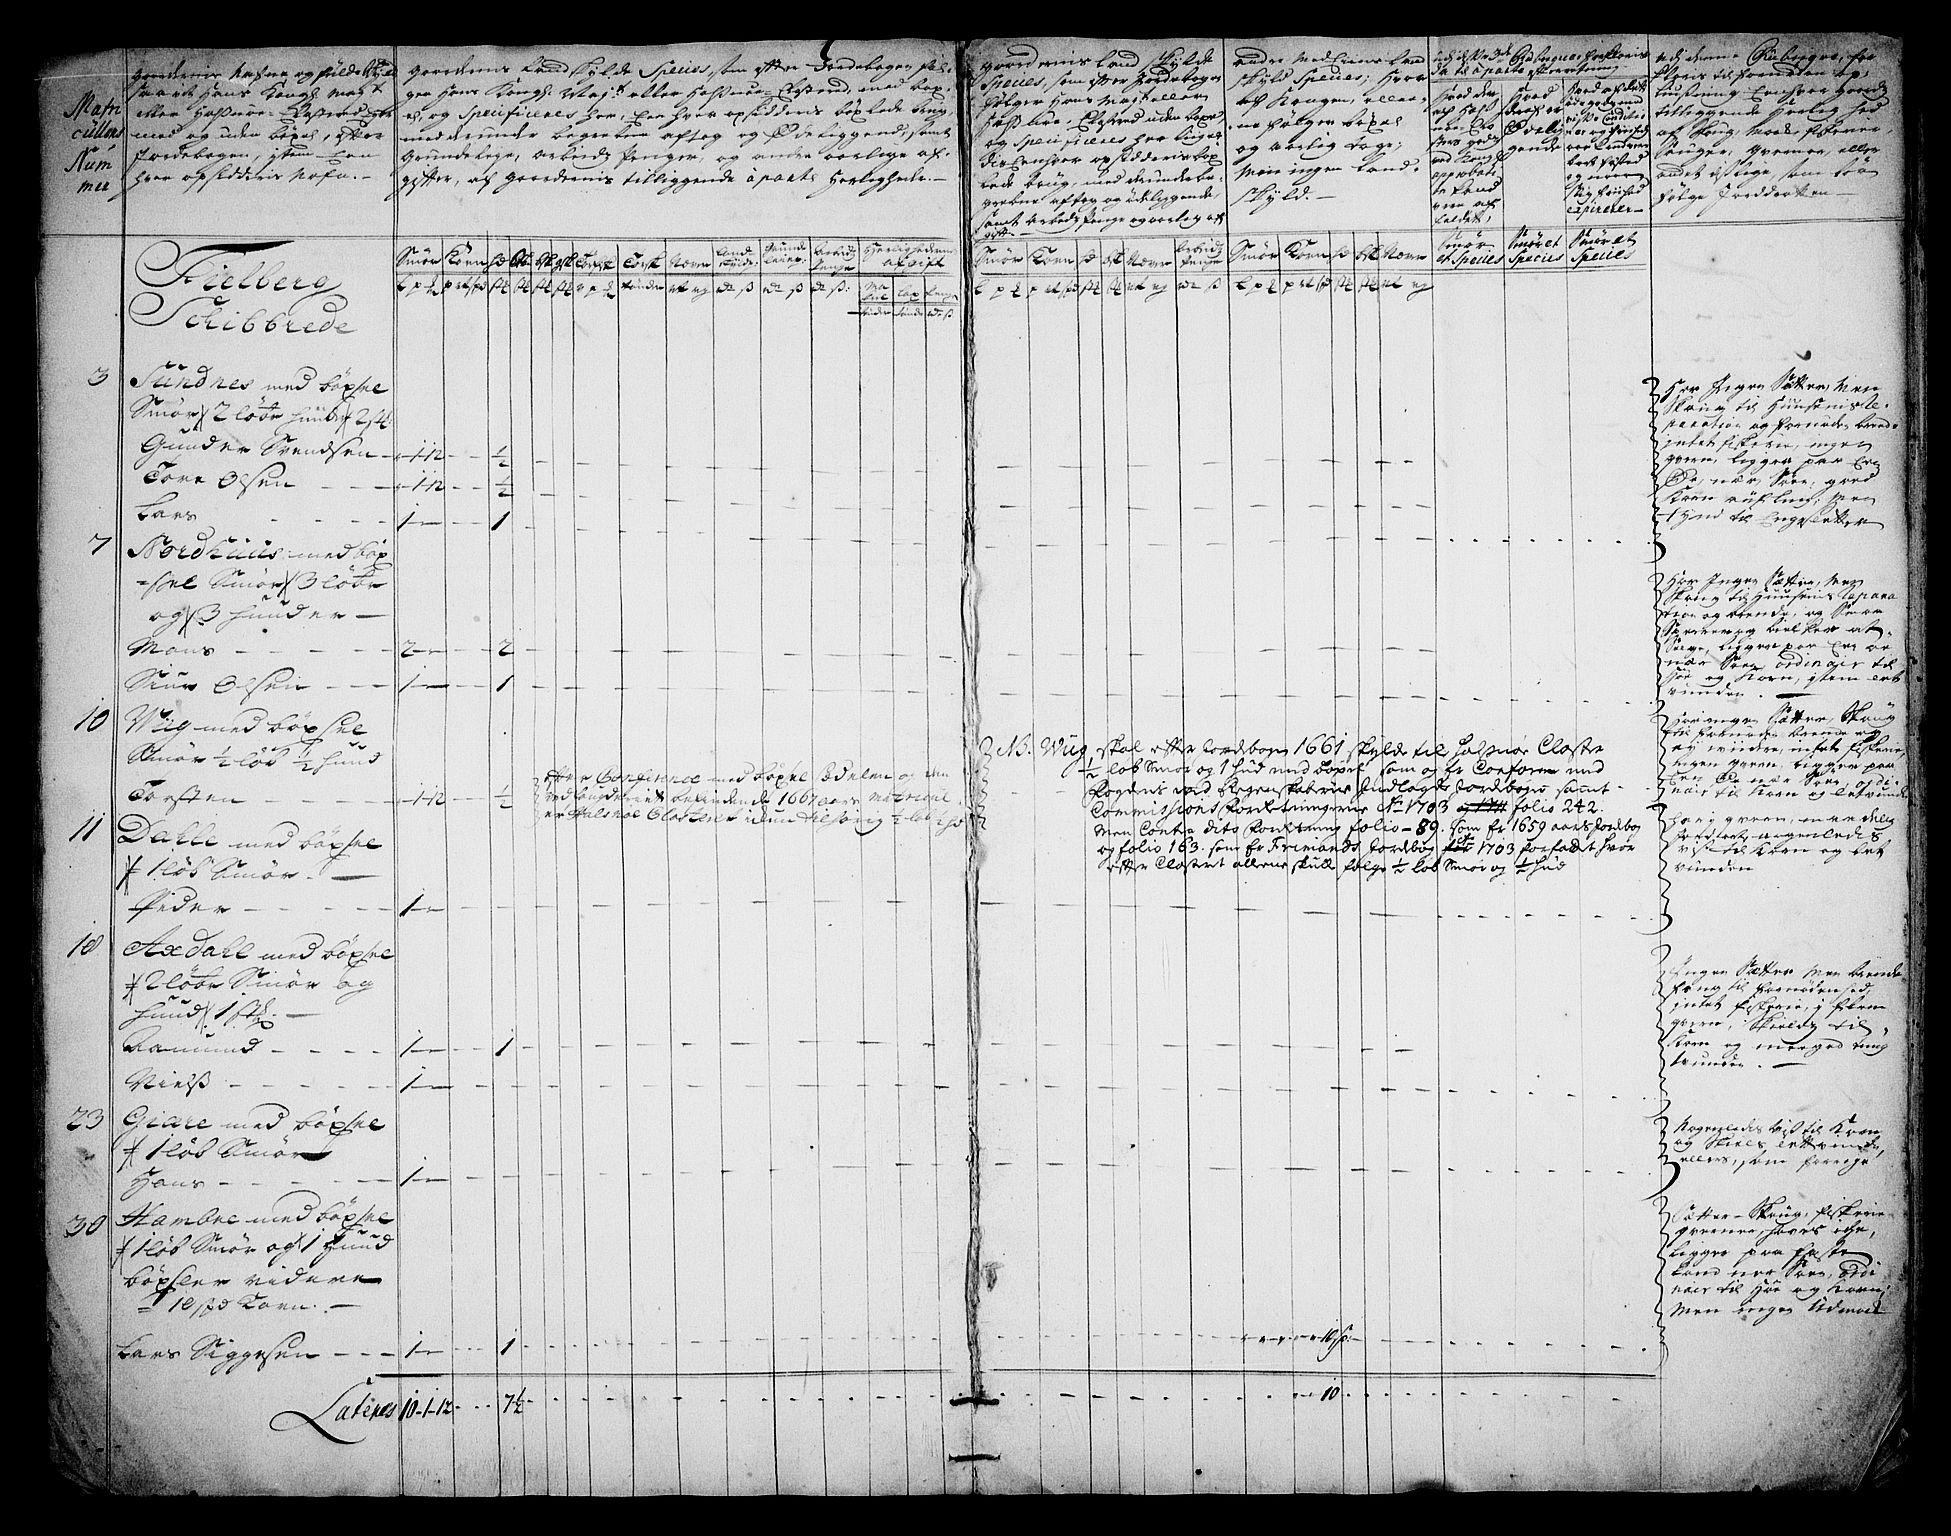 RA, Rentekammeret inntil 1814, Realistisk ordnet avdeling, On/L0003: [Jj 4]: Kommisjonsforretning over Vilhelm Hanssøns forpaktning av Halsnøy klosters gods, 1721-1729, s. 179